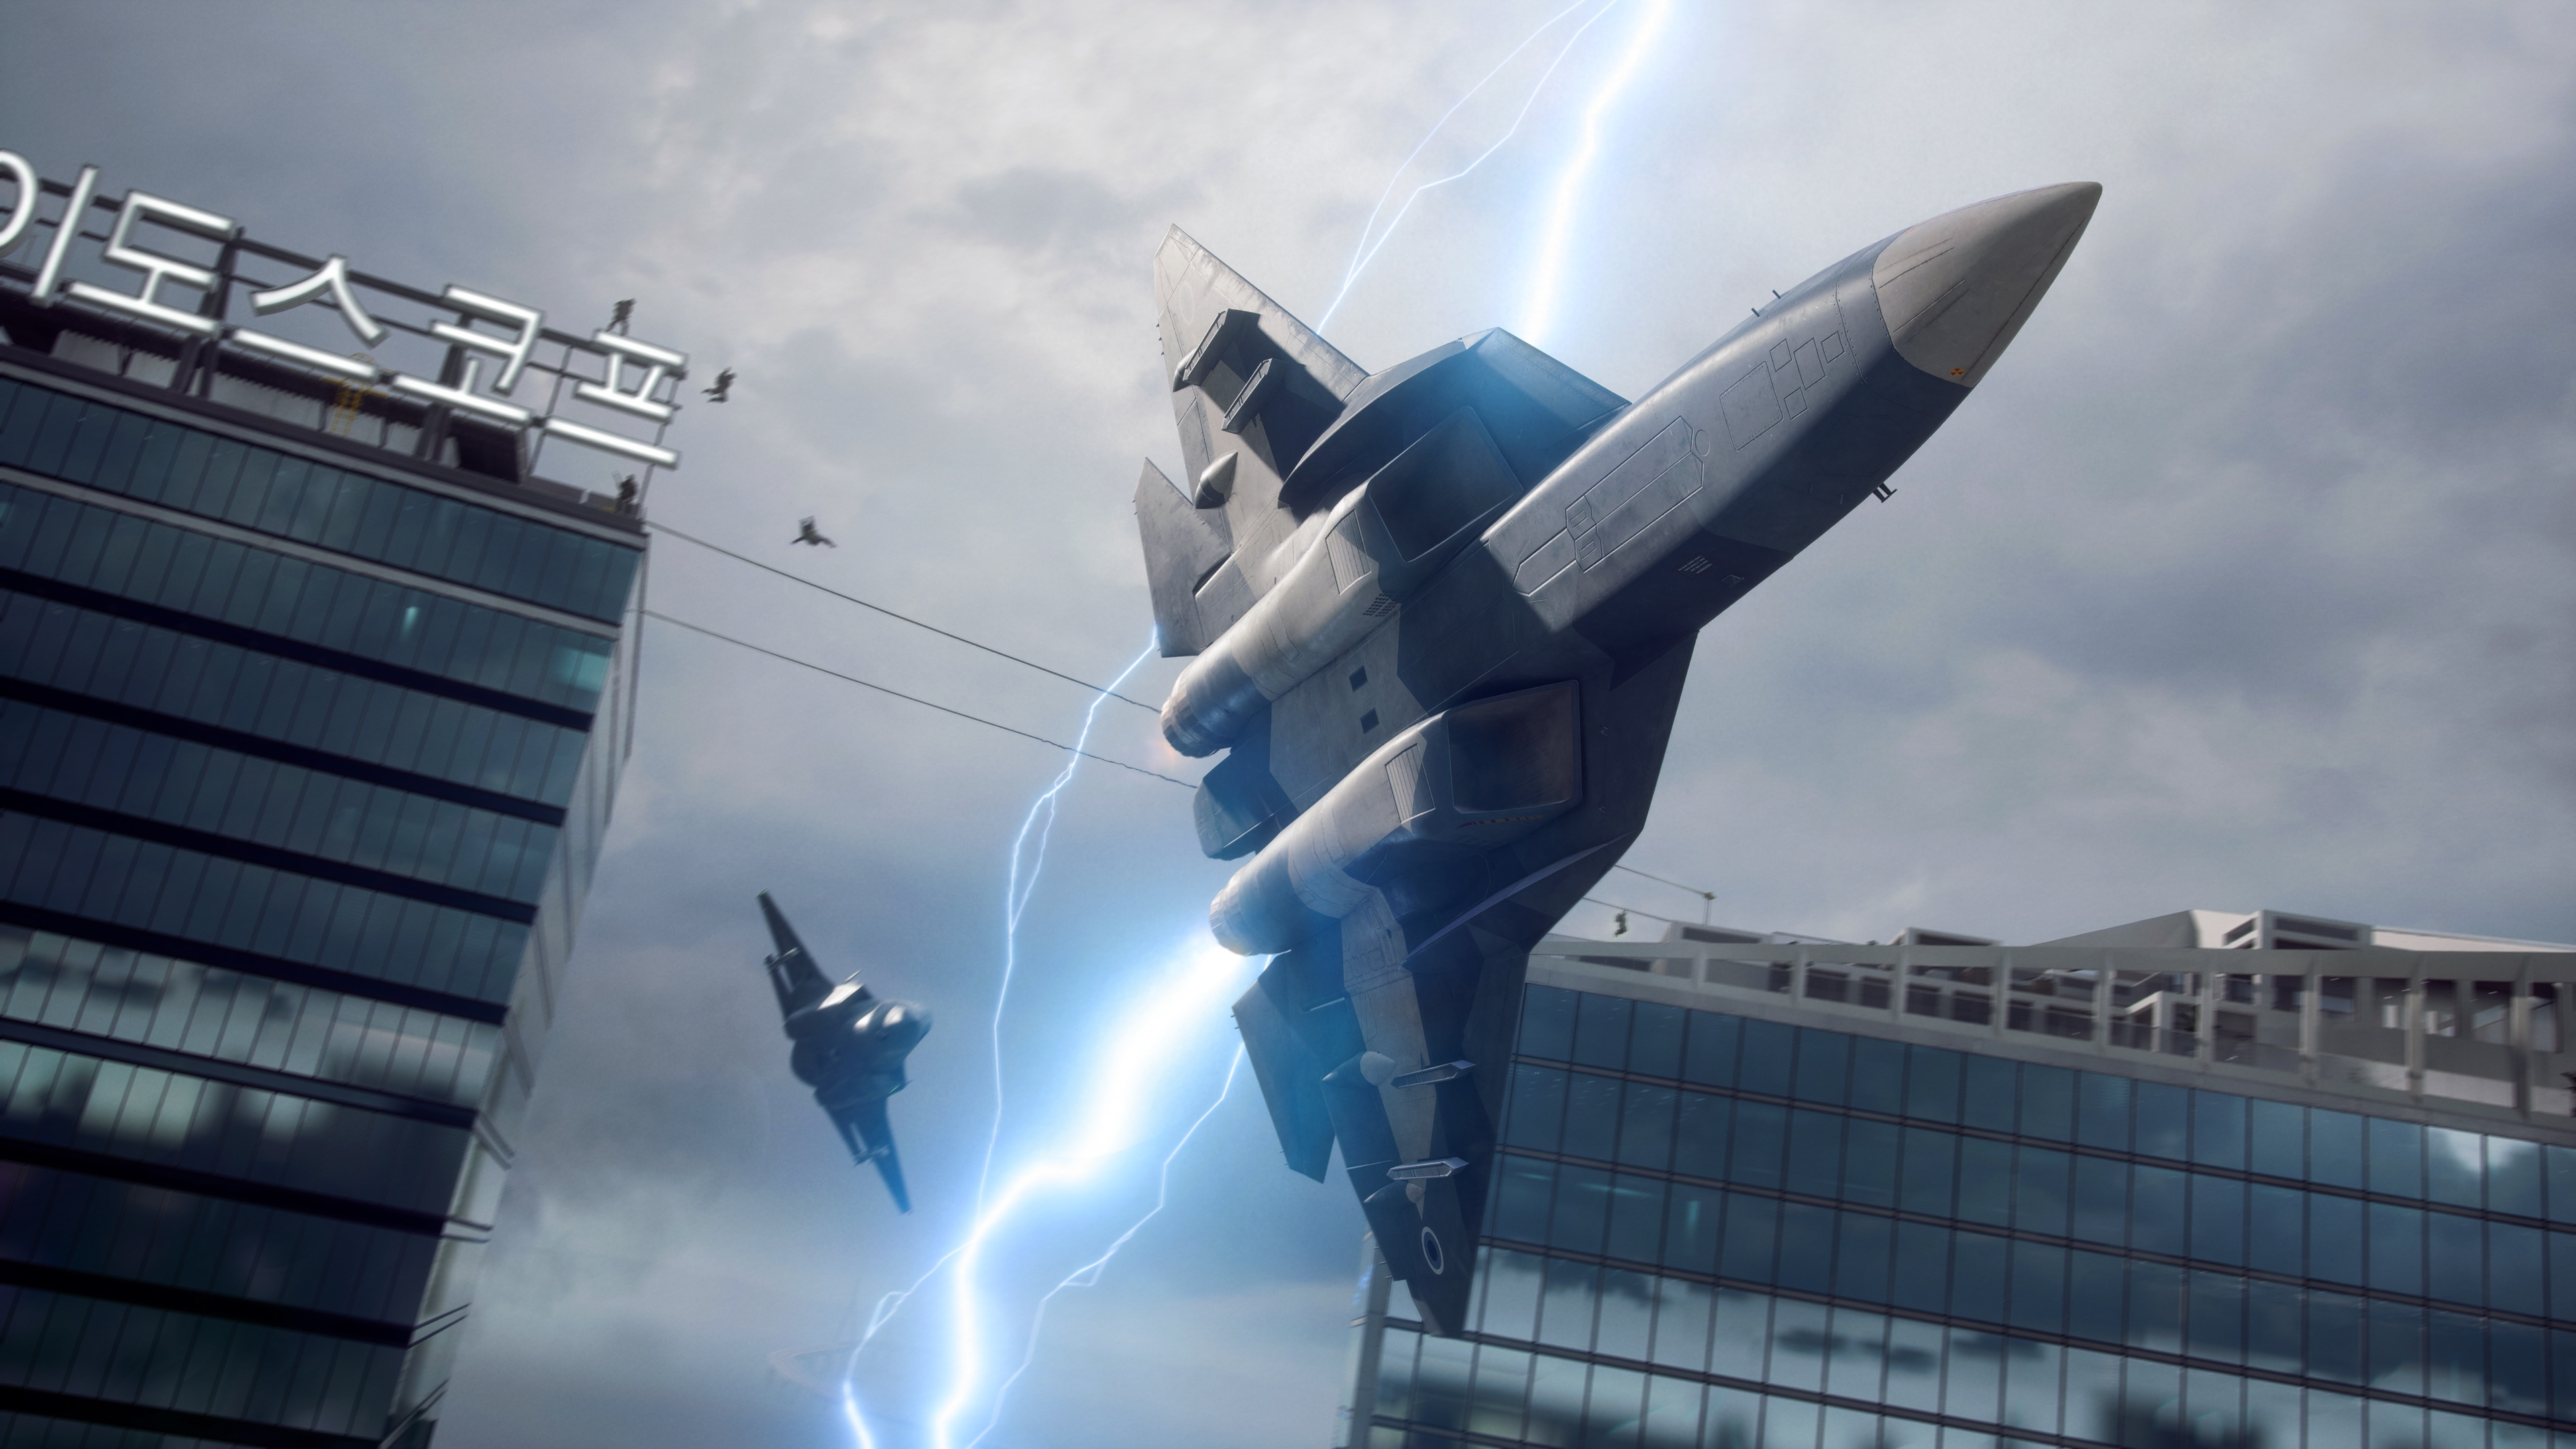 Fighter jets battle amid a lightning storm in Korea, in Battlefield 2042.